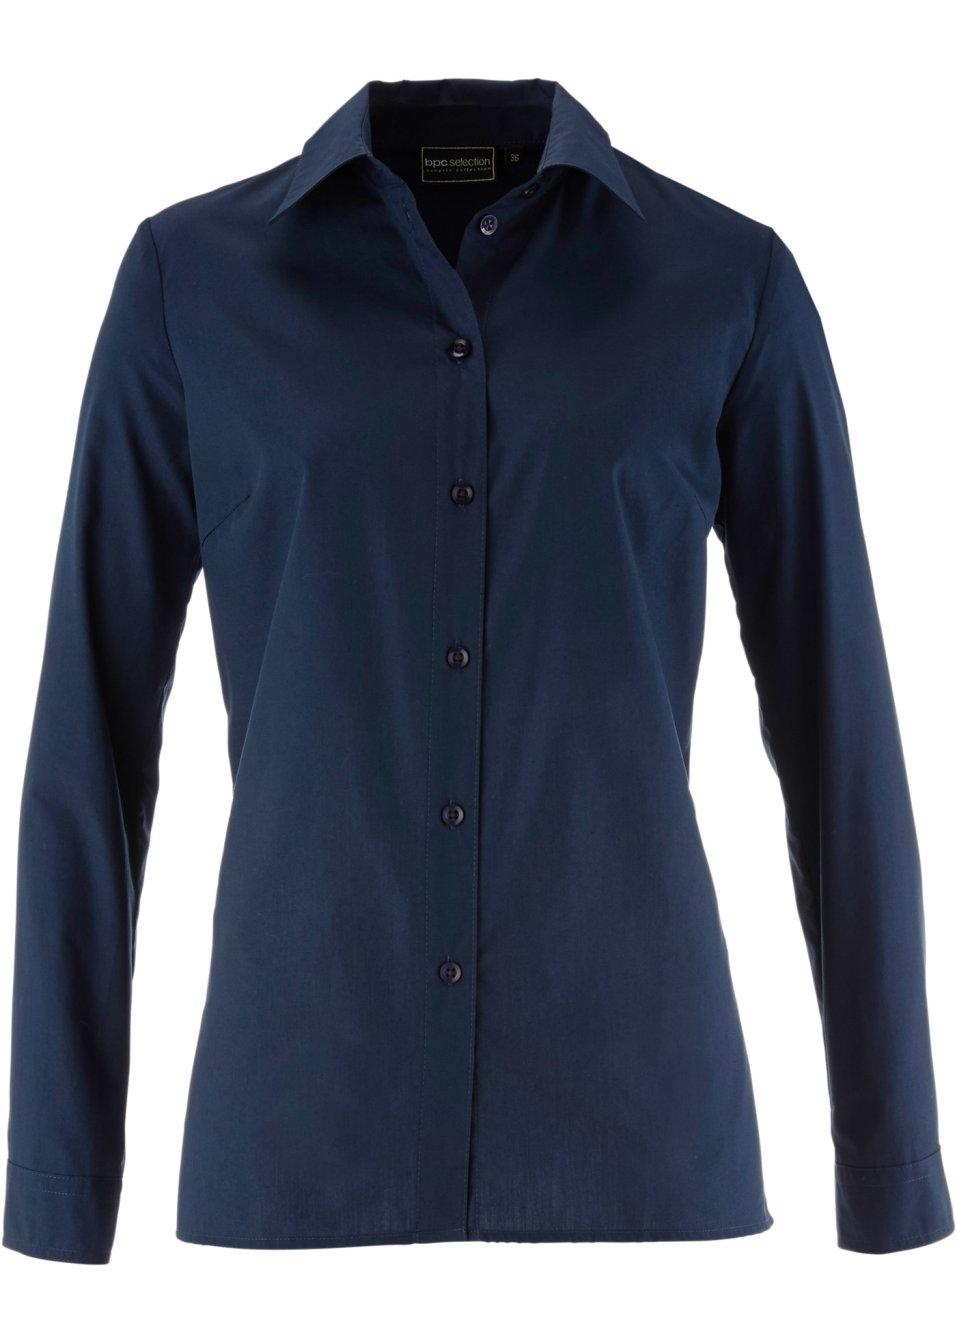 Klassisch-moderne Bluse mit Kent-Kragen - dunkelblau 9sIa2 zm3mA